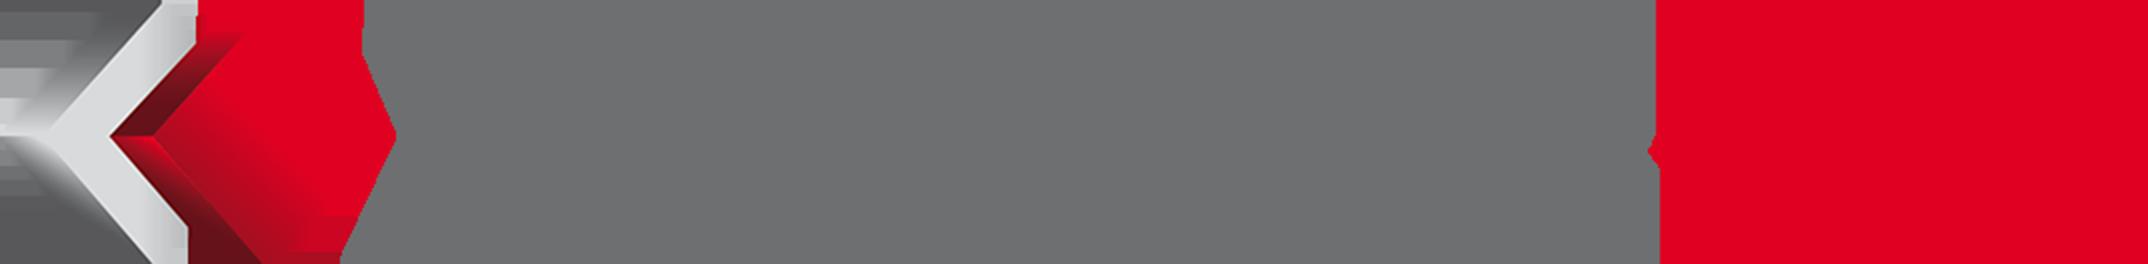 logo professionecasa